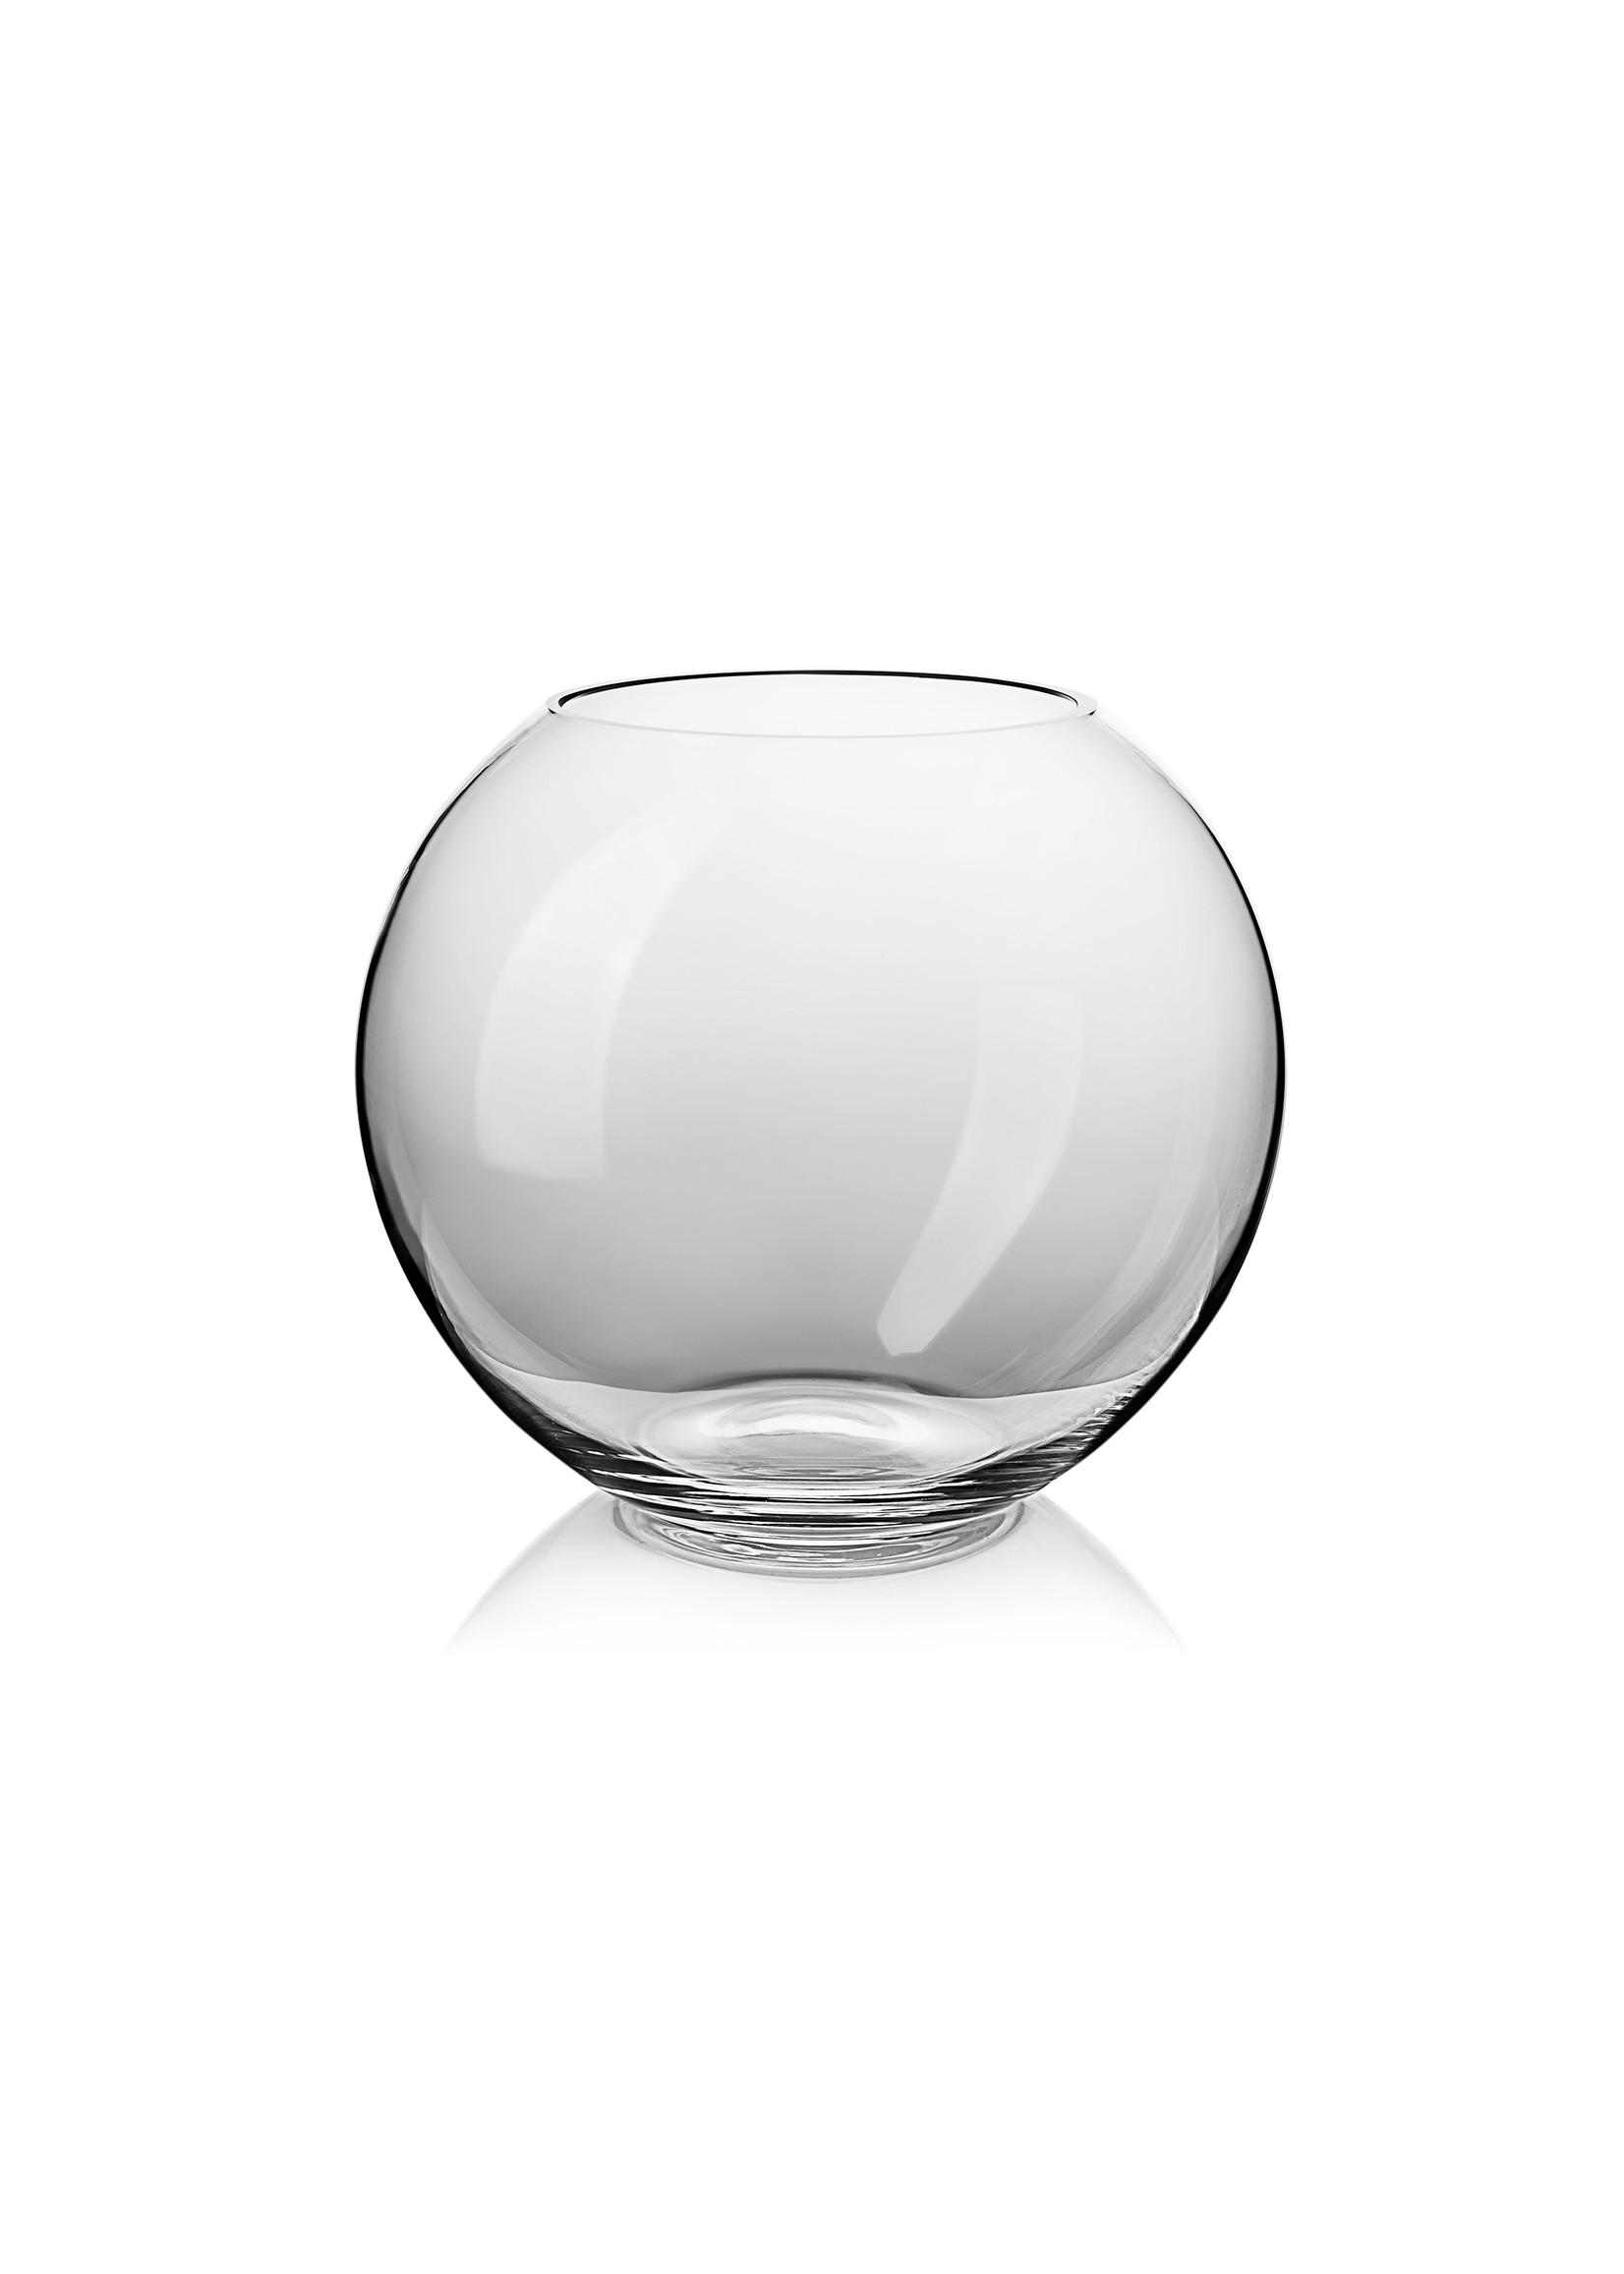 Skloglass Handgemaakt kristallen bolvaas 180mm